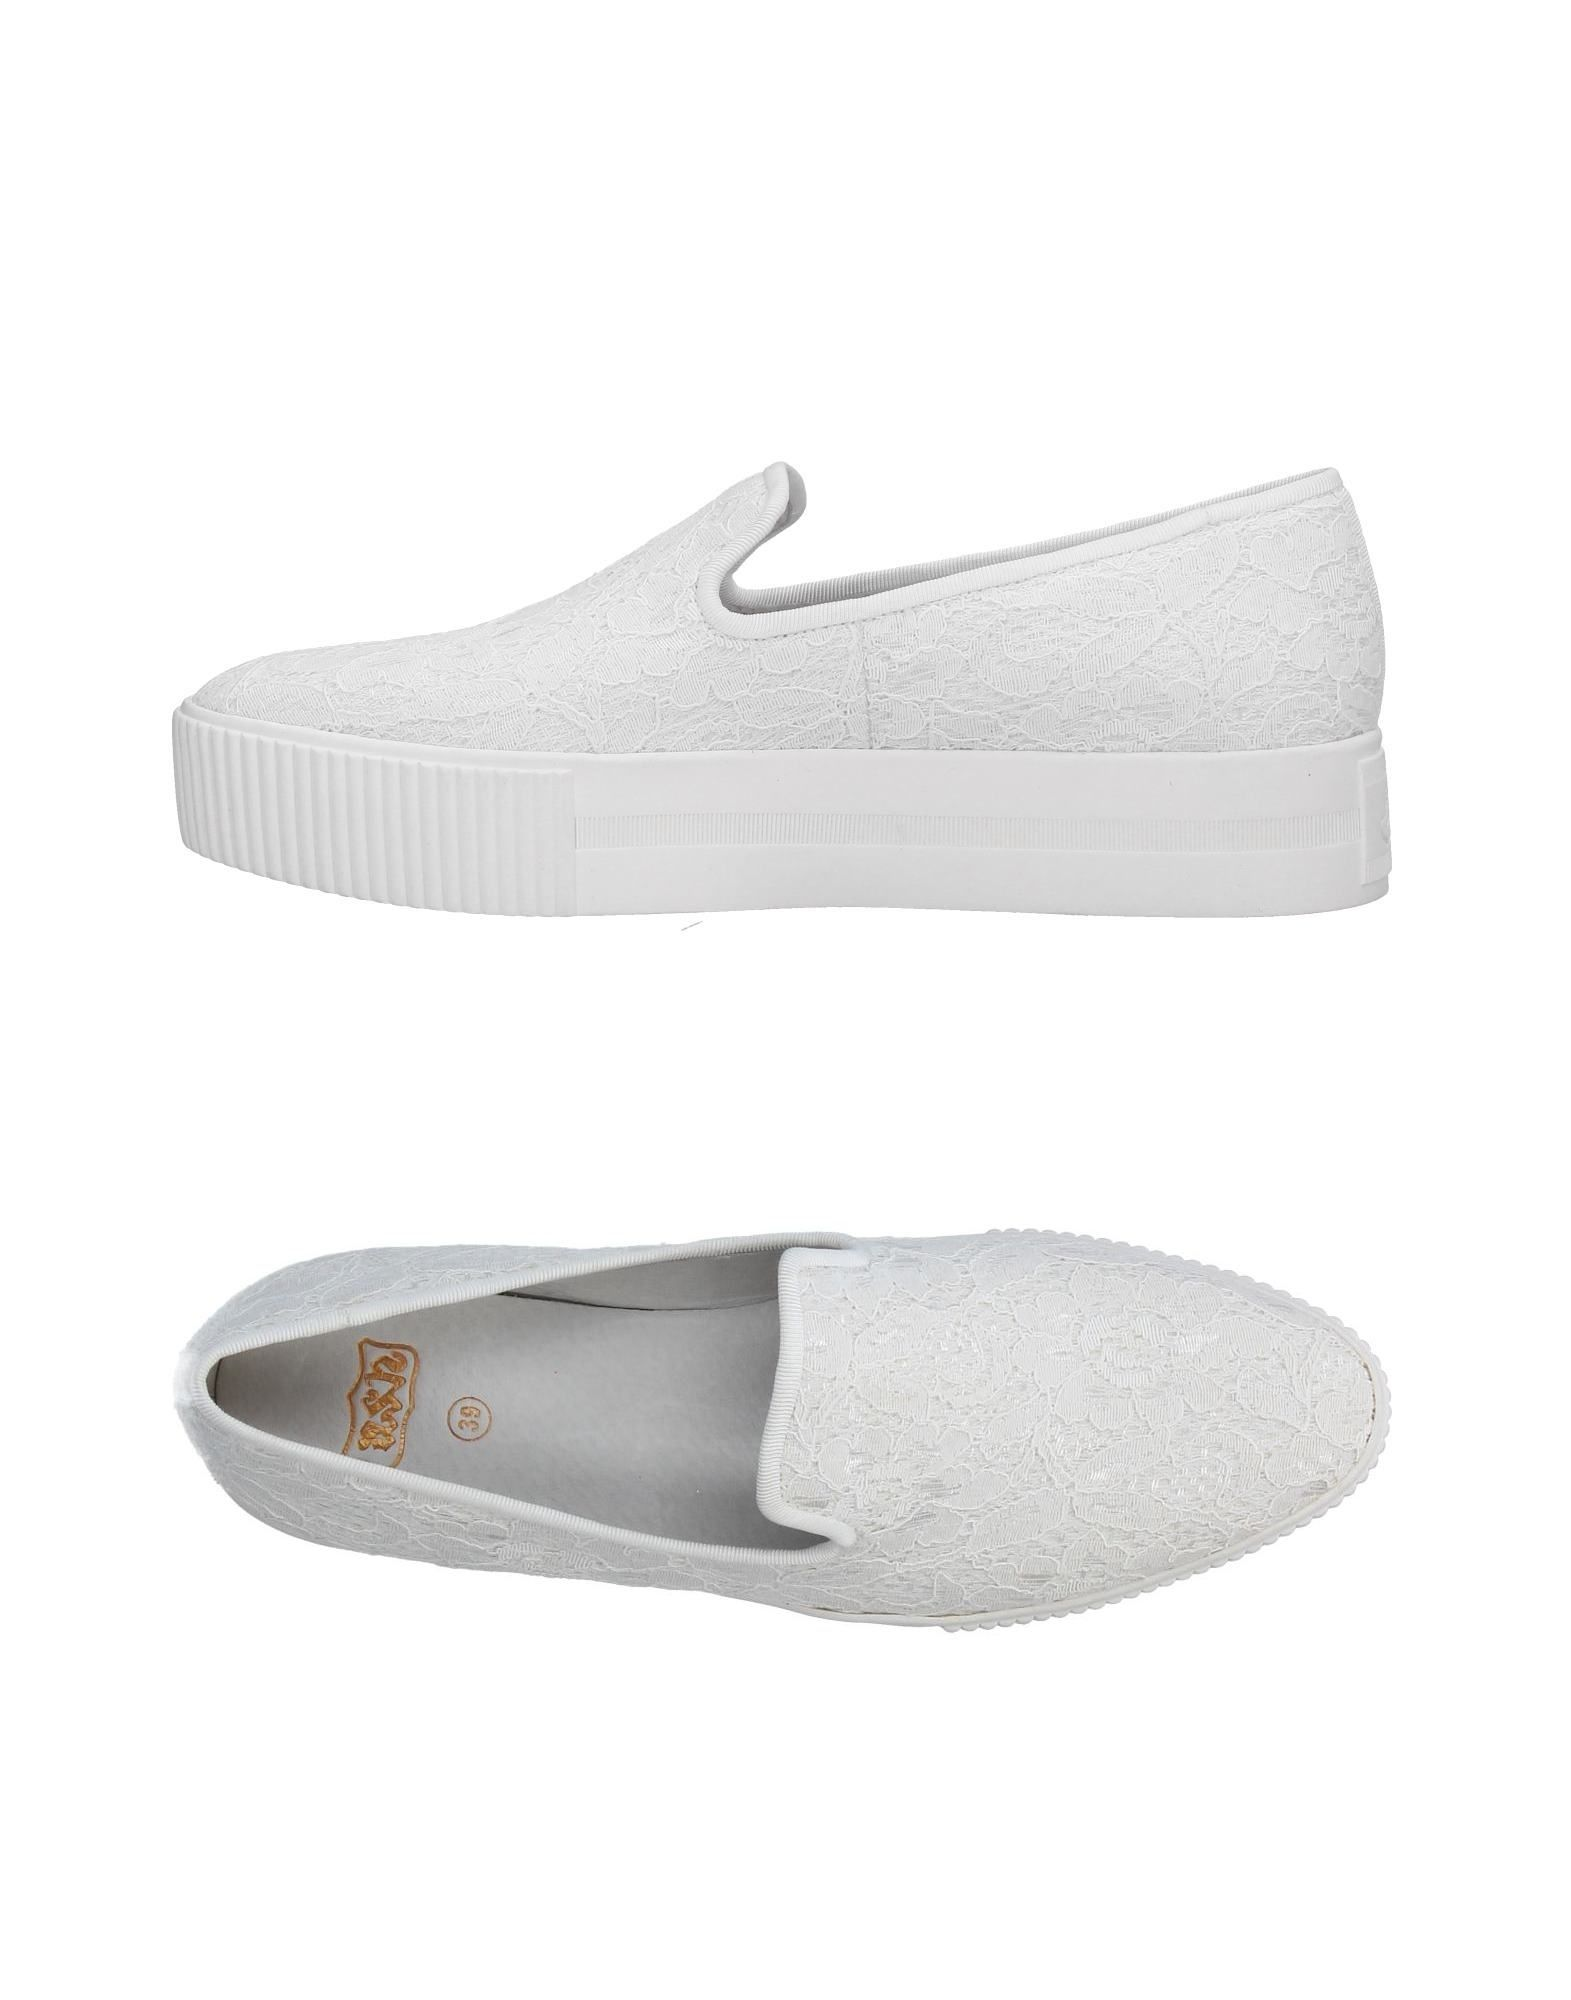 Moda Donna Sneakers Ash Donna Moda - 11356543PK b8294d